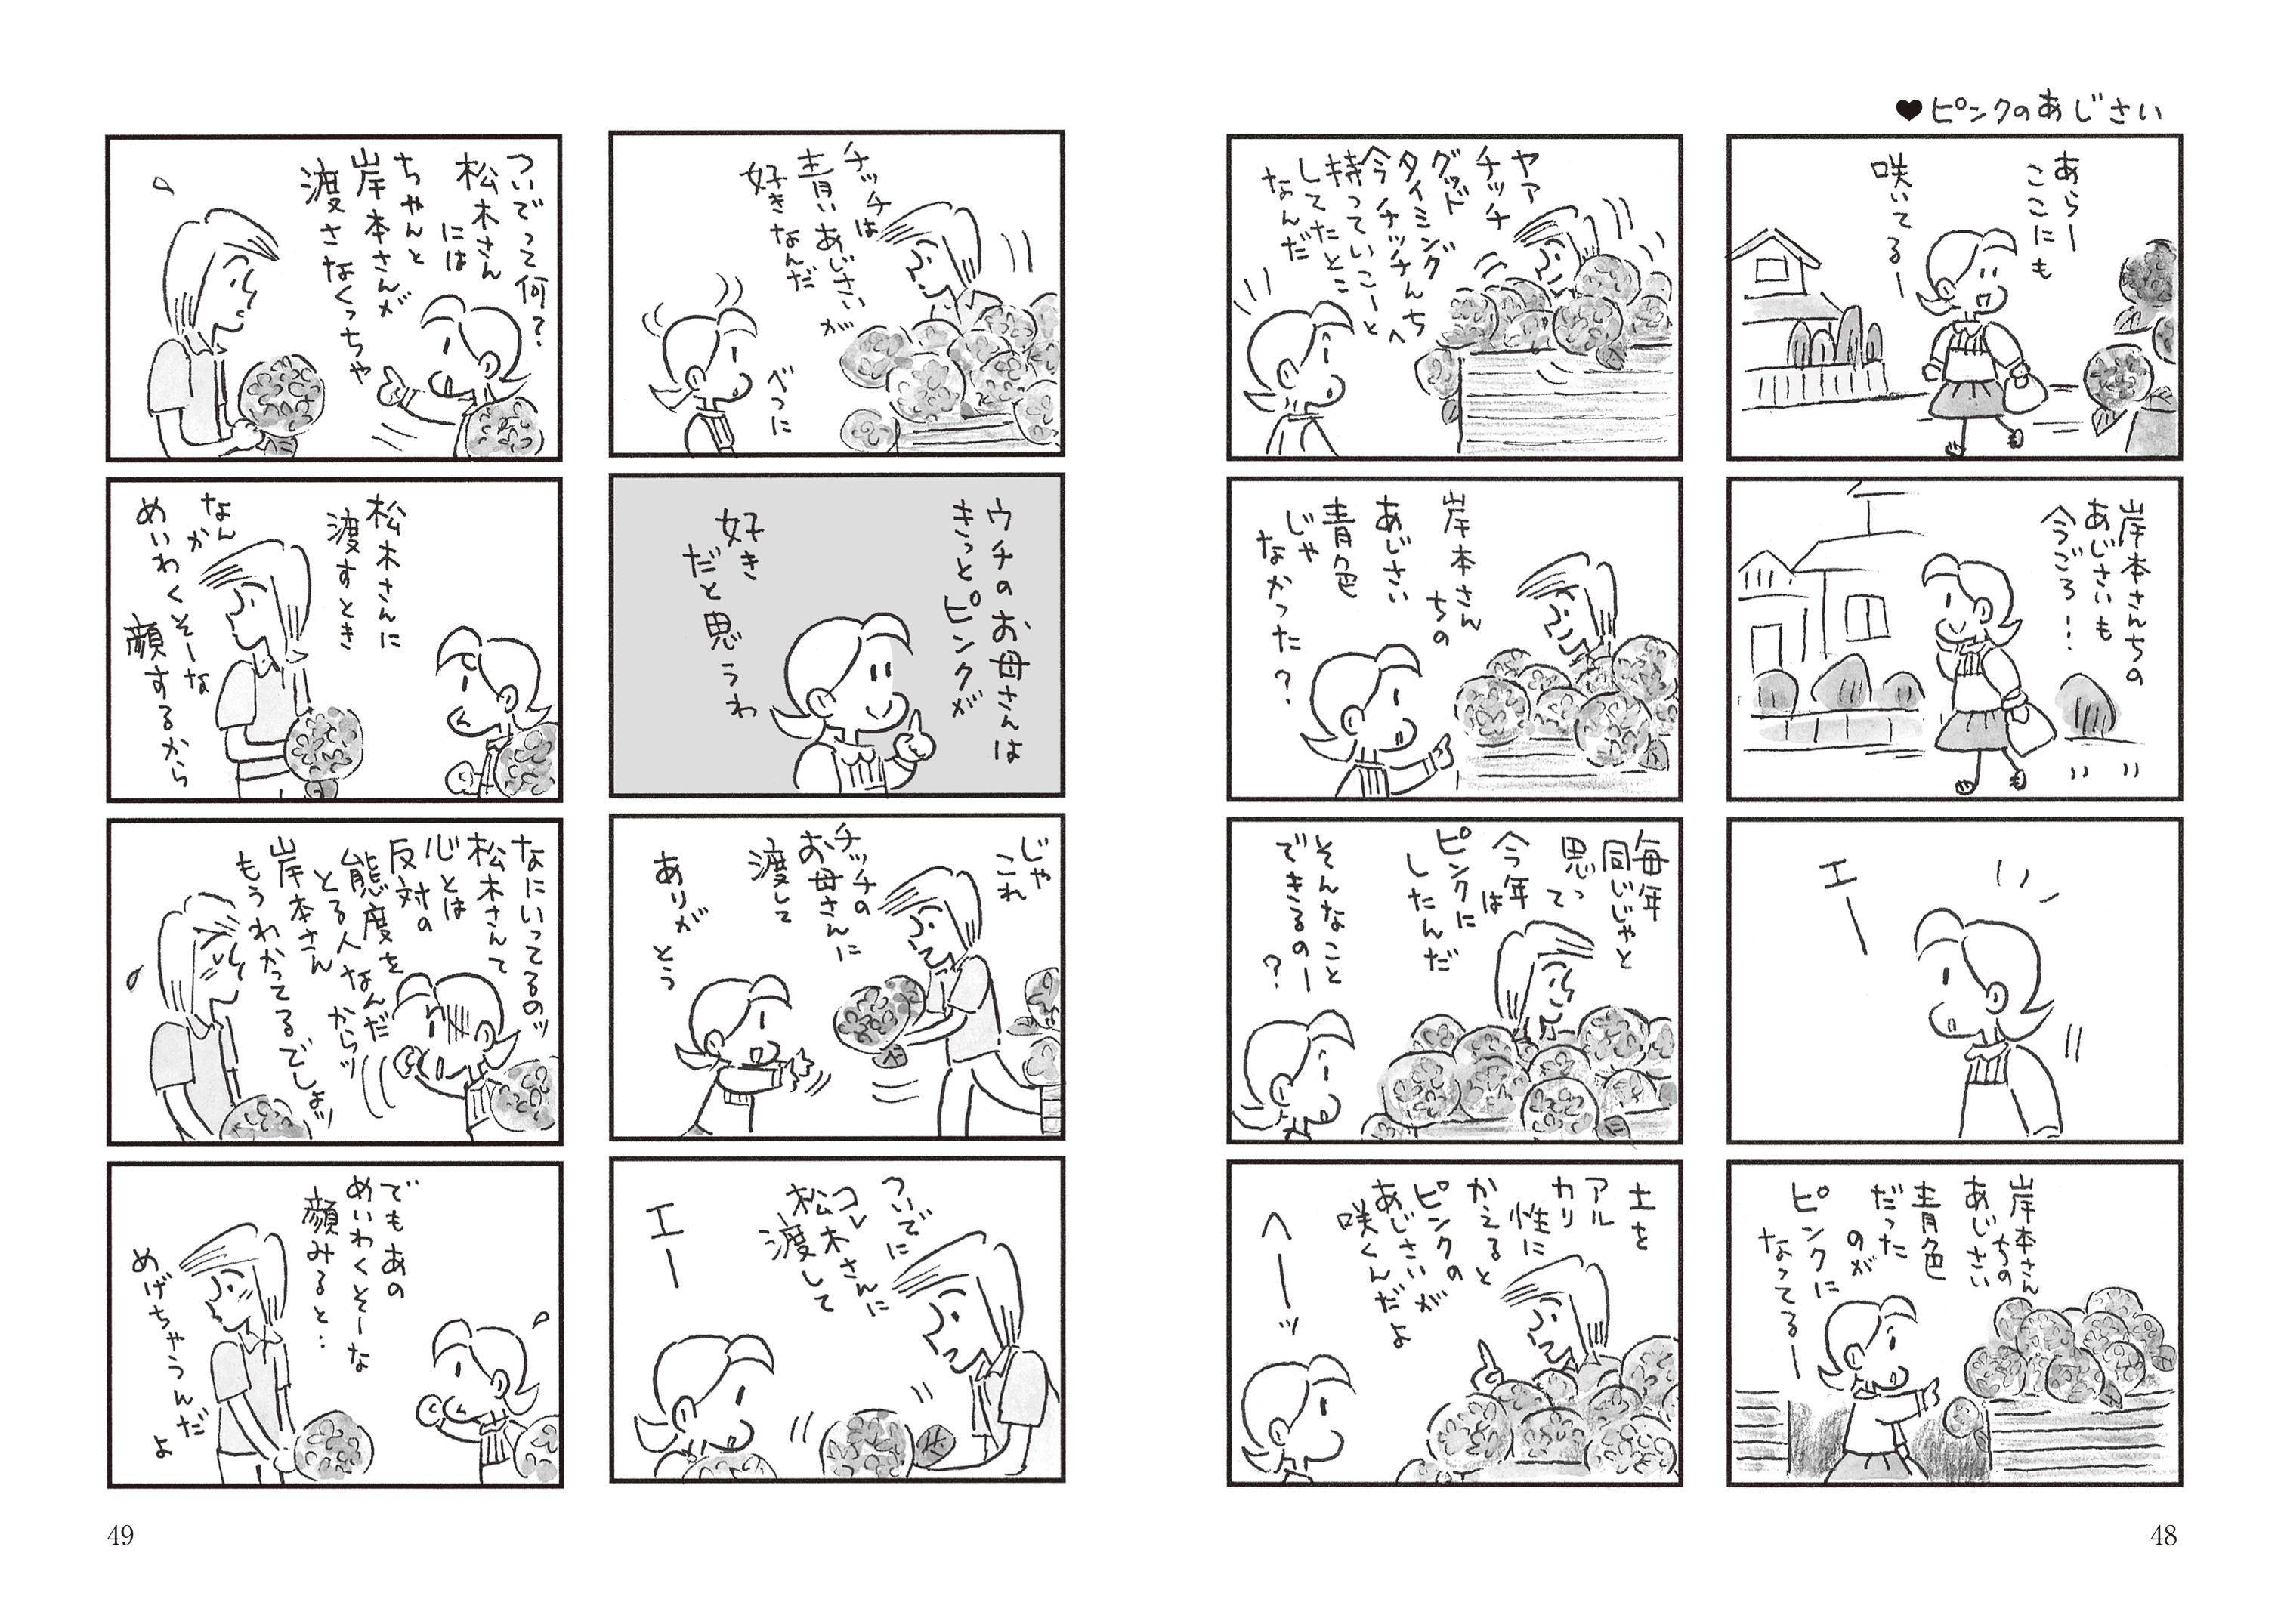 「初夏の場面。松木さんの恋が暴走。岸本さんとどうなる」紙面